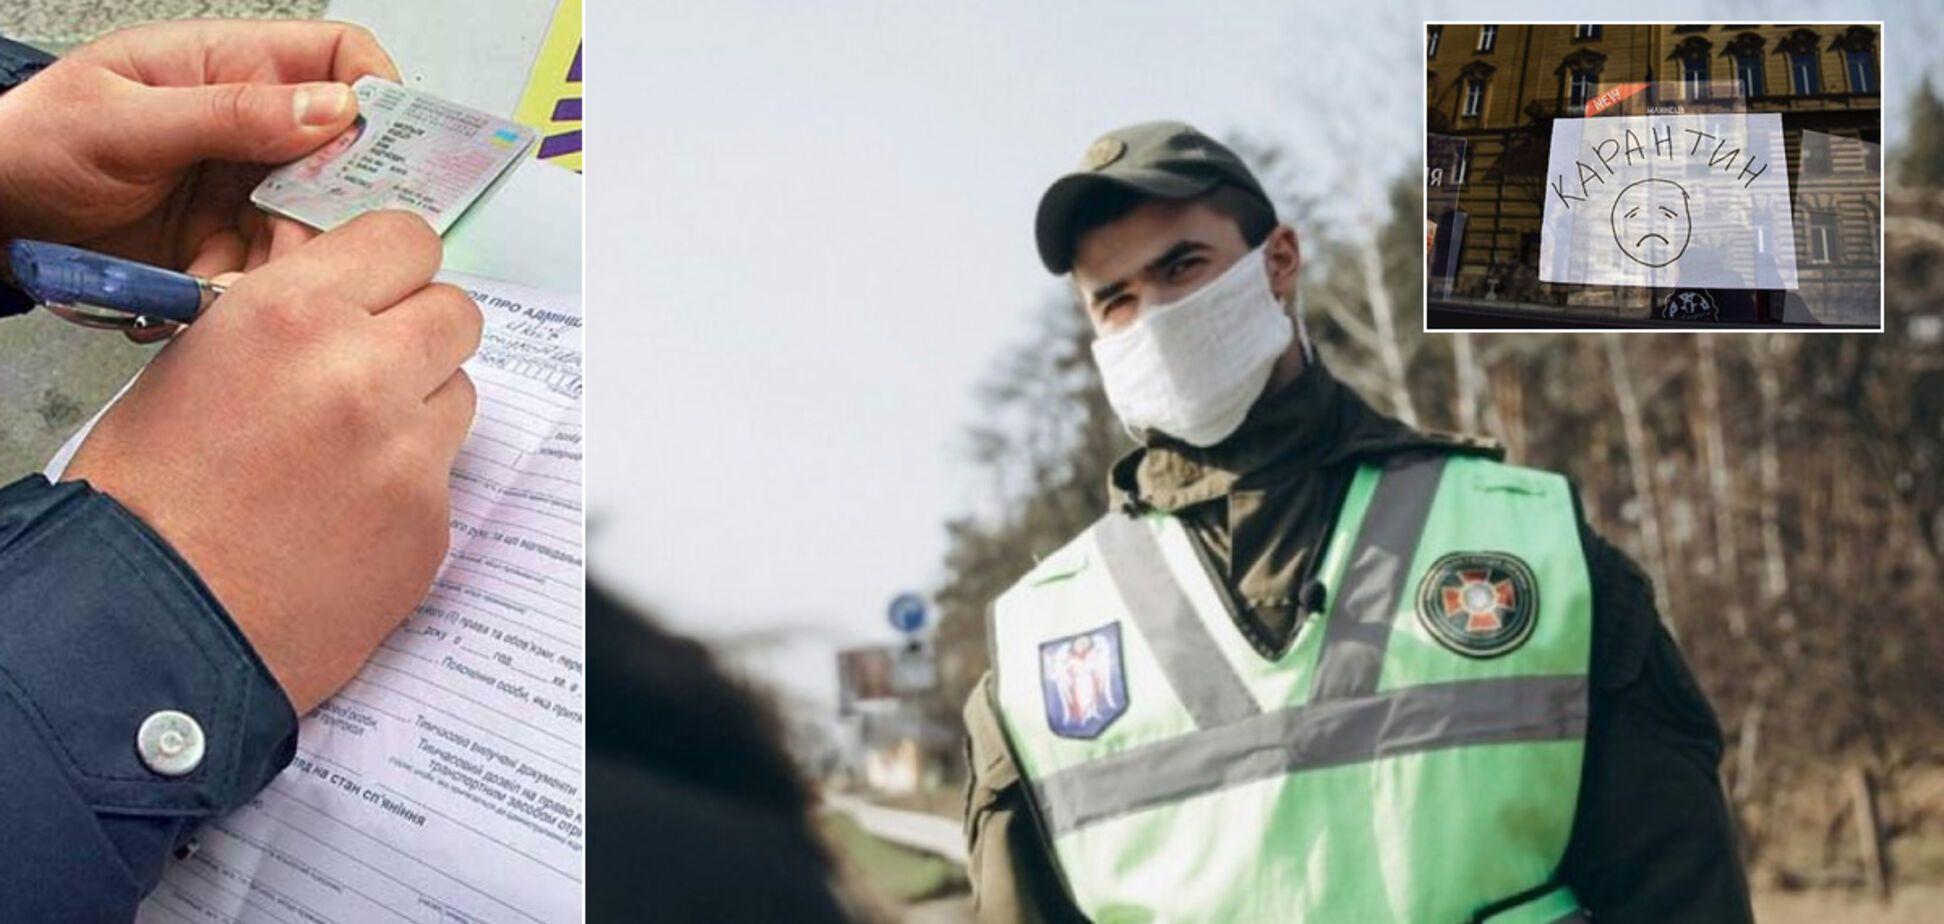 Масові зібрання й ходіння без маски: за що все ще можуть оштрафувати в Україні